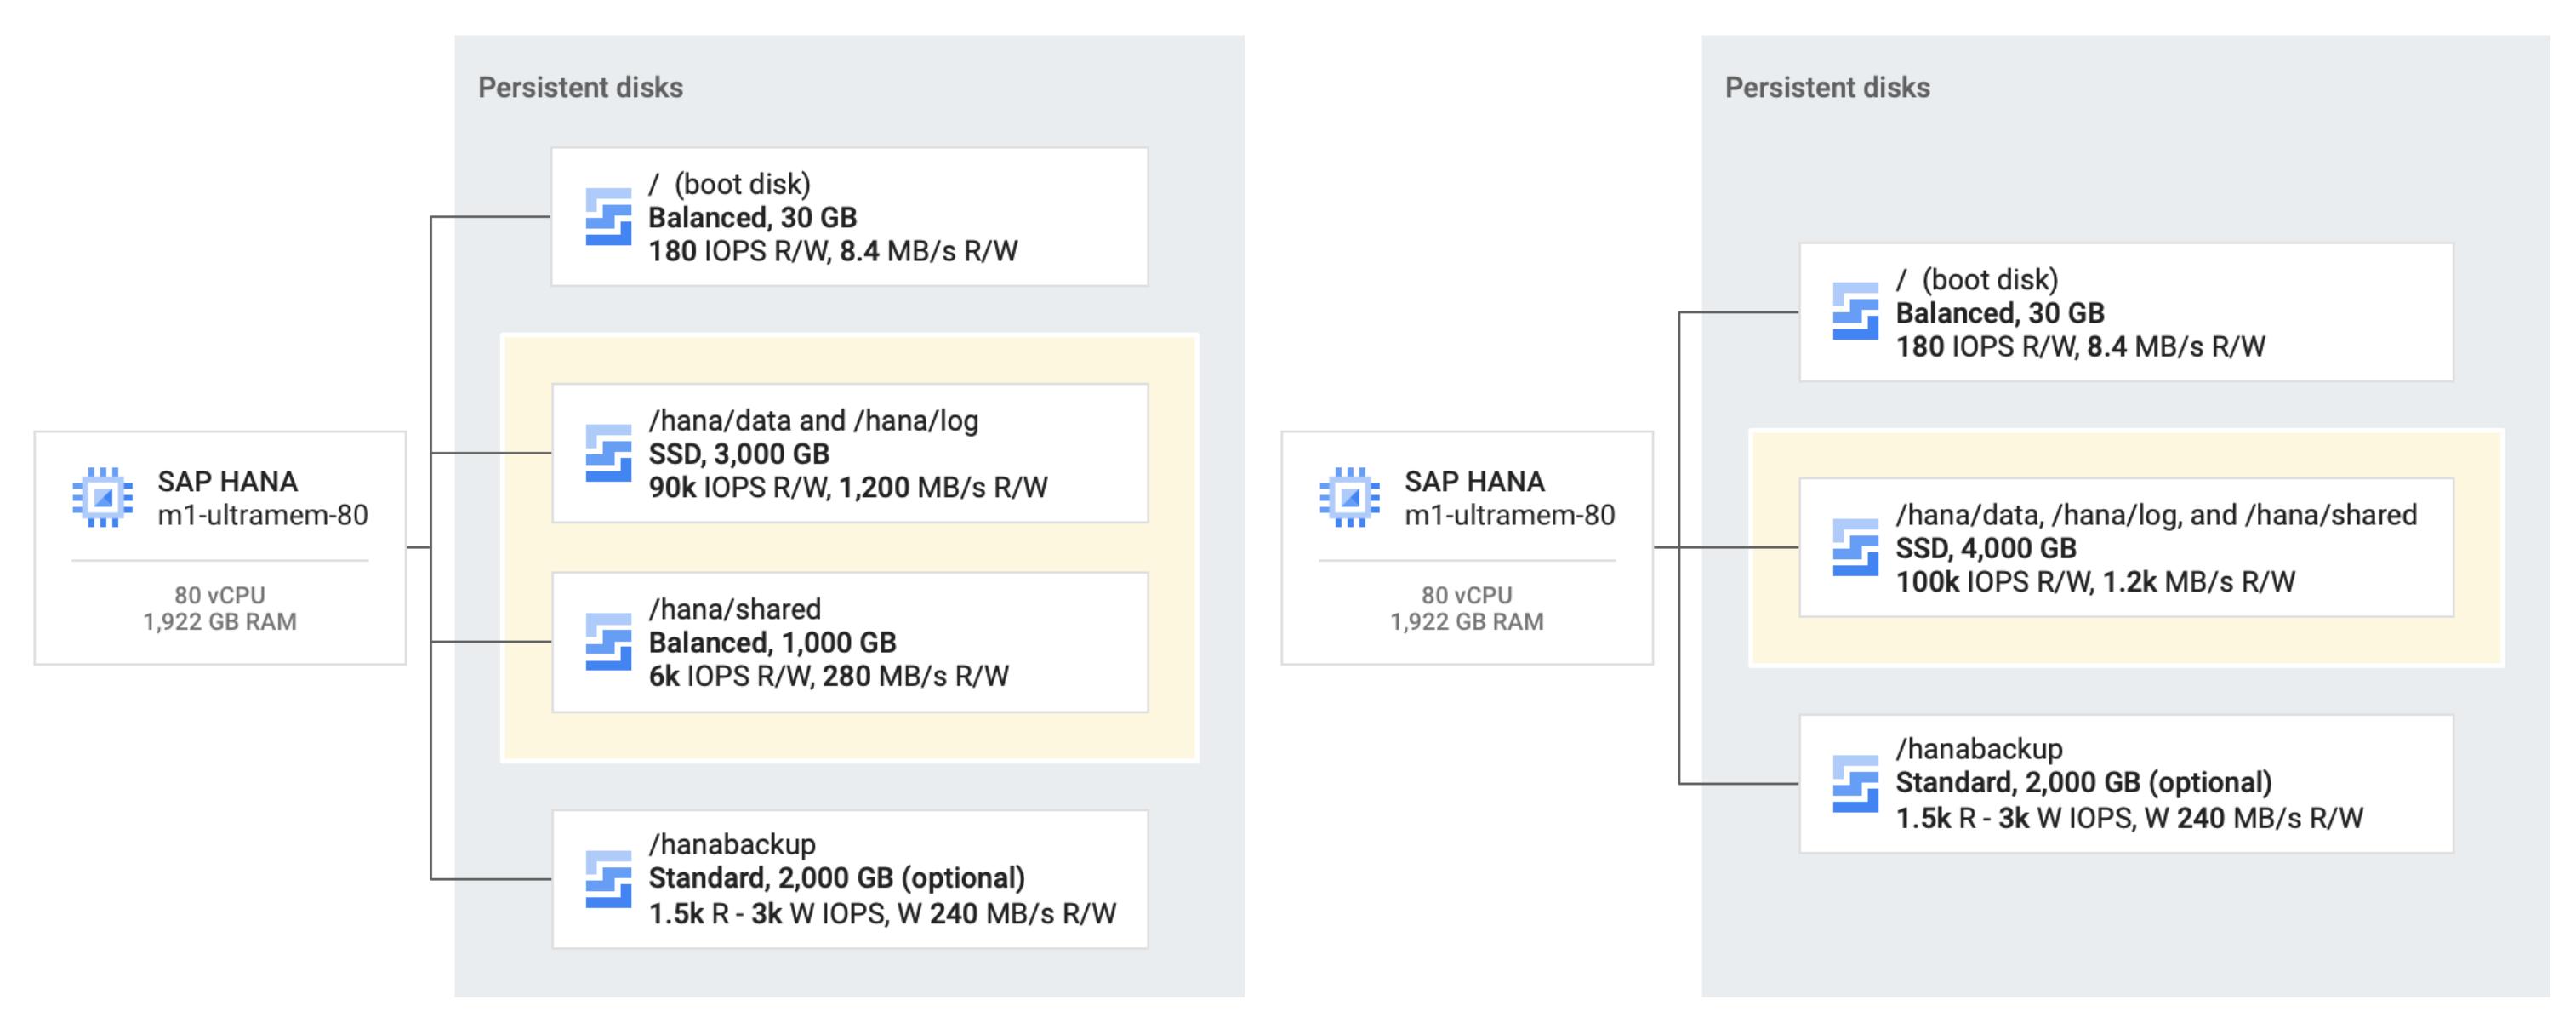 """Se muestran dos sistemas de SAPHANA: el lado izquierdo tiene """"/hana/shared"""" en su propio disco persistente balanceado y """"/hana/data"""" y """"/hana/log"""" juntos en un disco persistente SSD. El otro sistema tiene """"/hana/data"""", """"/hana/log"""" y z/hana/shared"""" juntos en un solo disco persistente SSD, que es la arquitectura recomendada."""